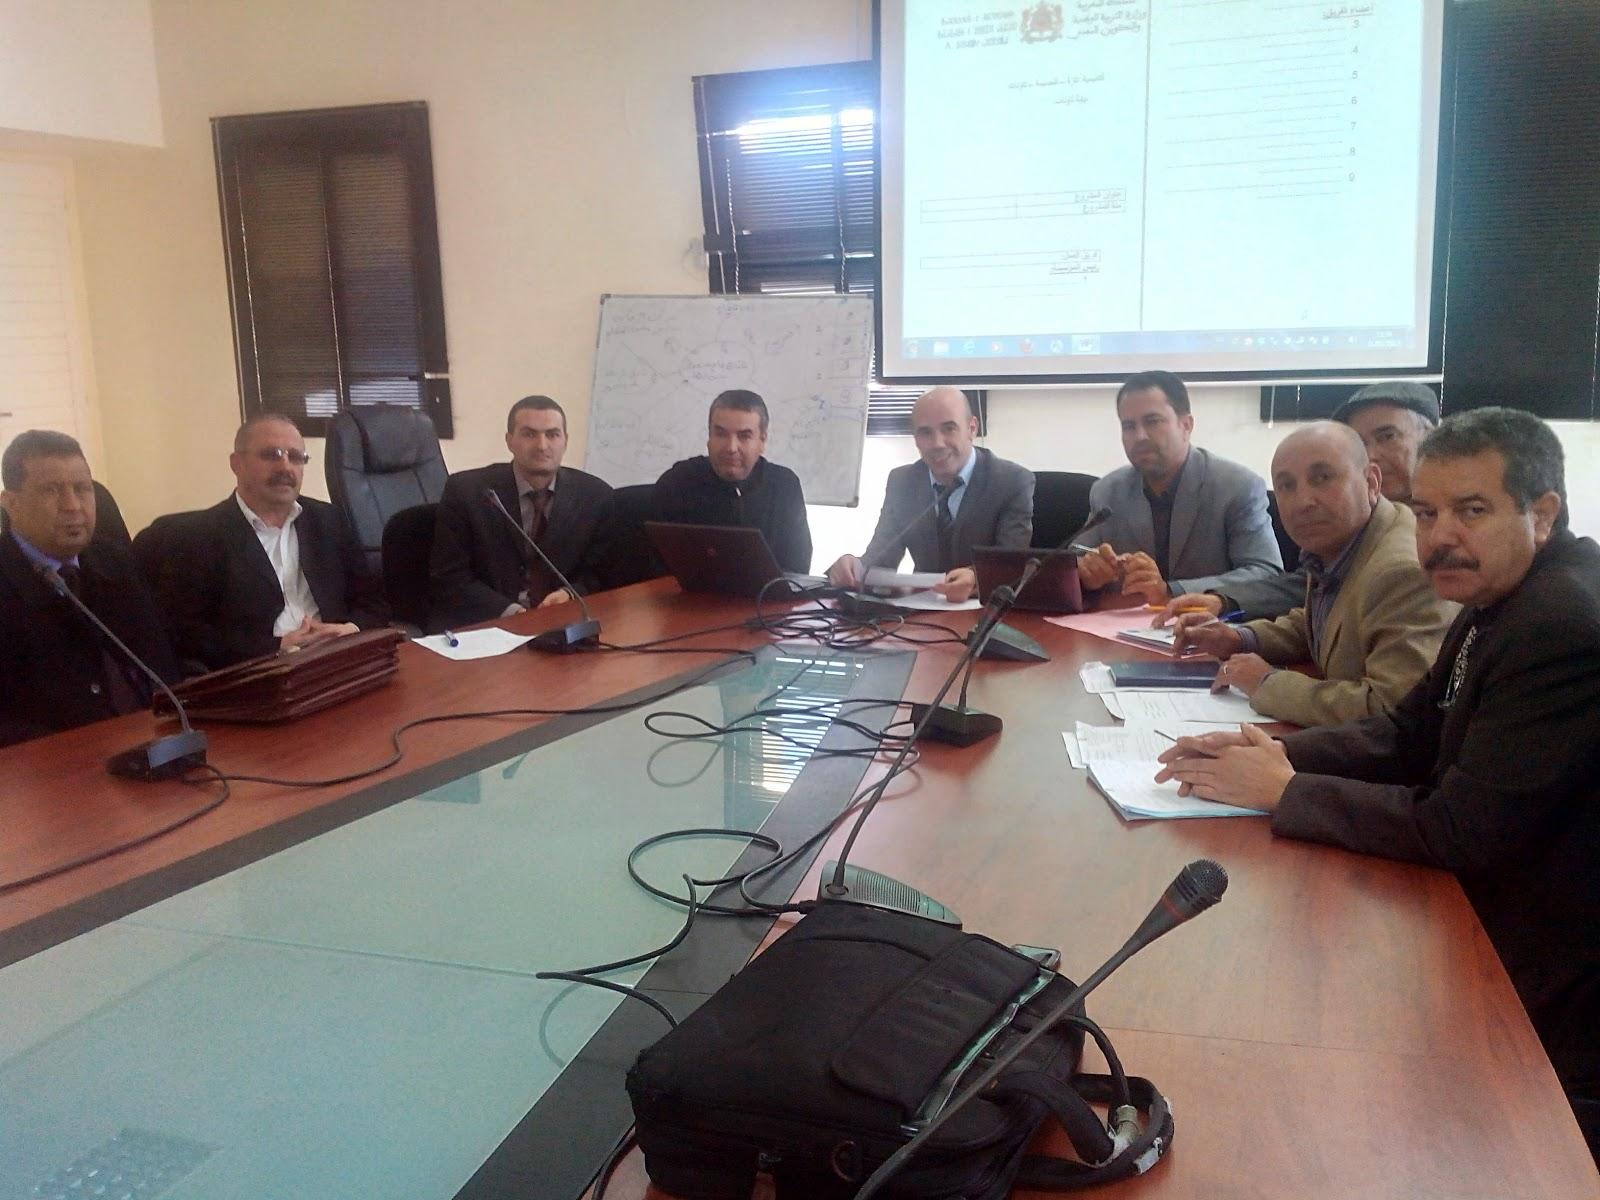 تاونات: الفريق الإقليمي لقيادة مشروع المؤسسة يعقد دورته الثانية بمركز التكوين المستمر